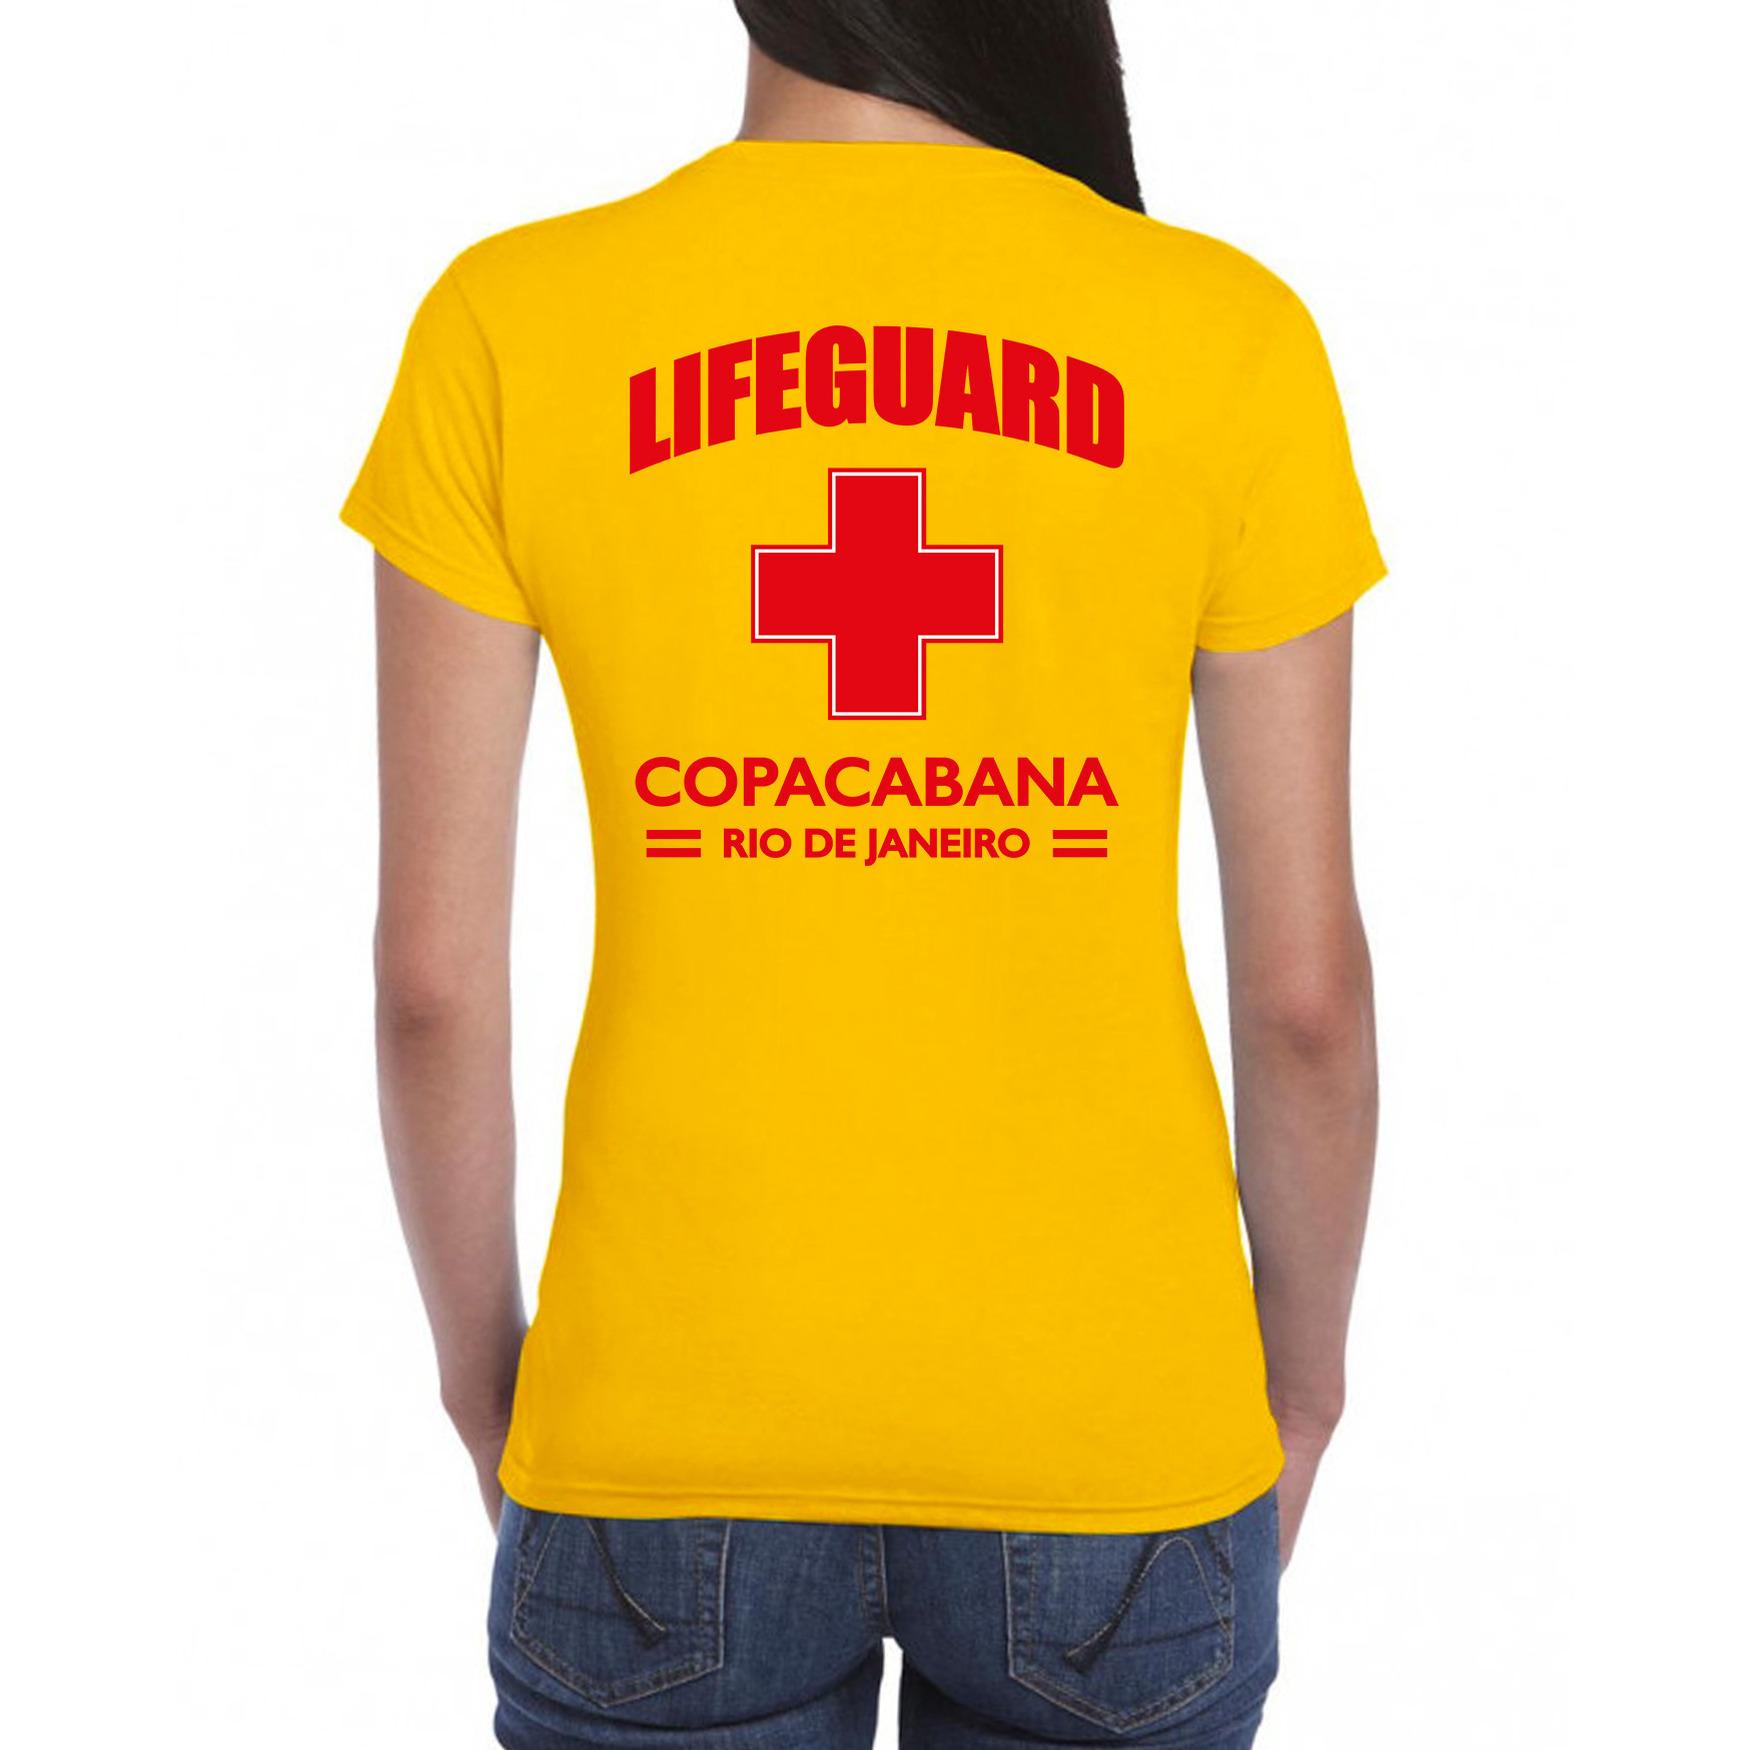 Lifeguard- strandwacht verkleed t-shirt-shirt Lifeguard Copacabana Rio De Janeiro geel voor dames